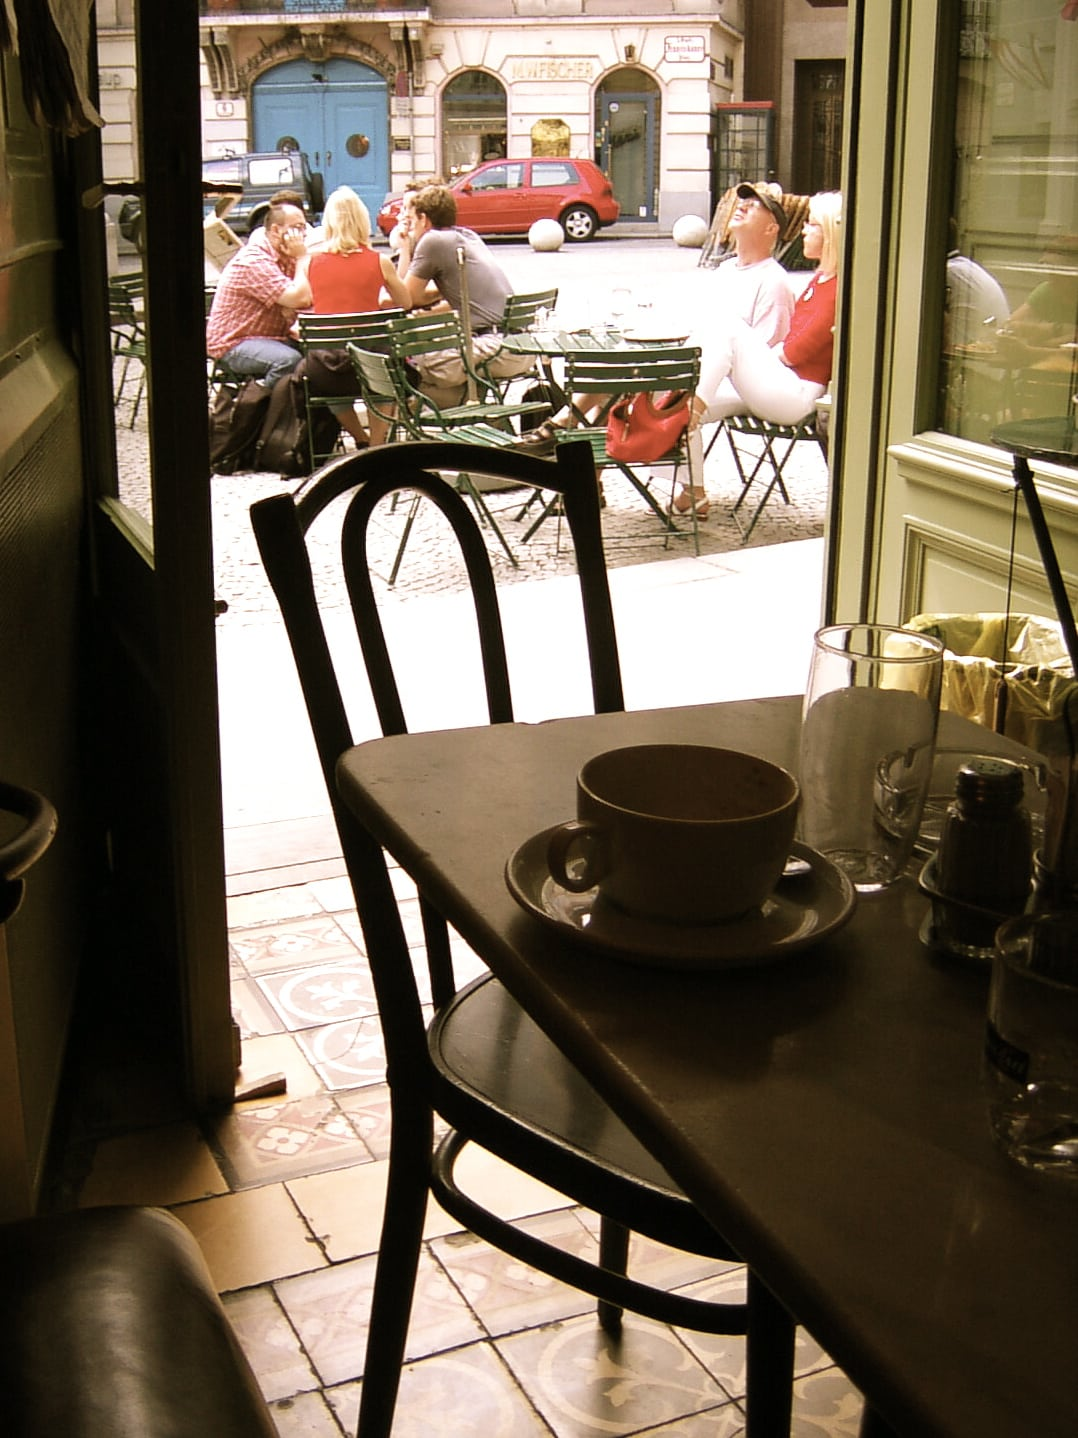 בית הקפה Klein וינה